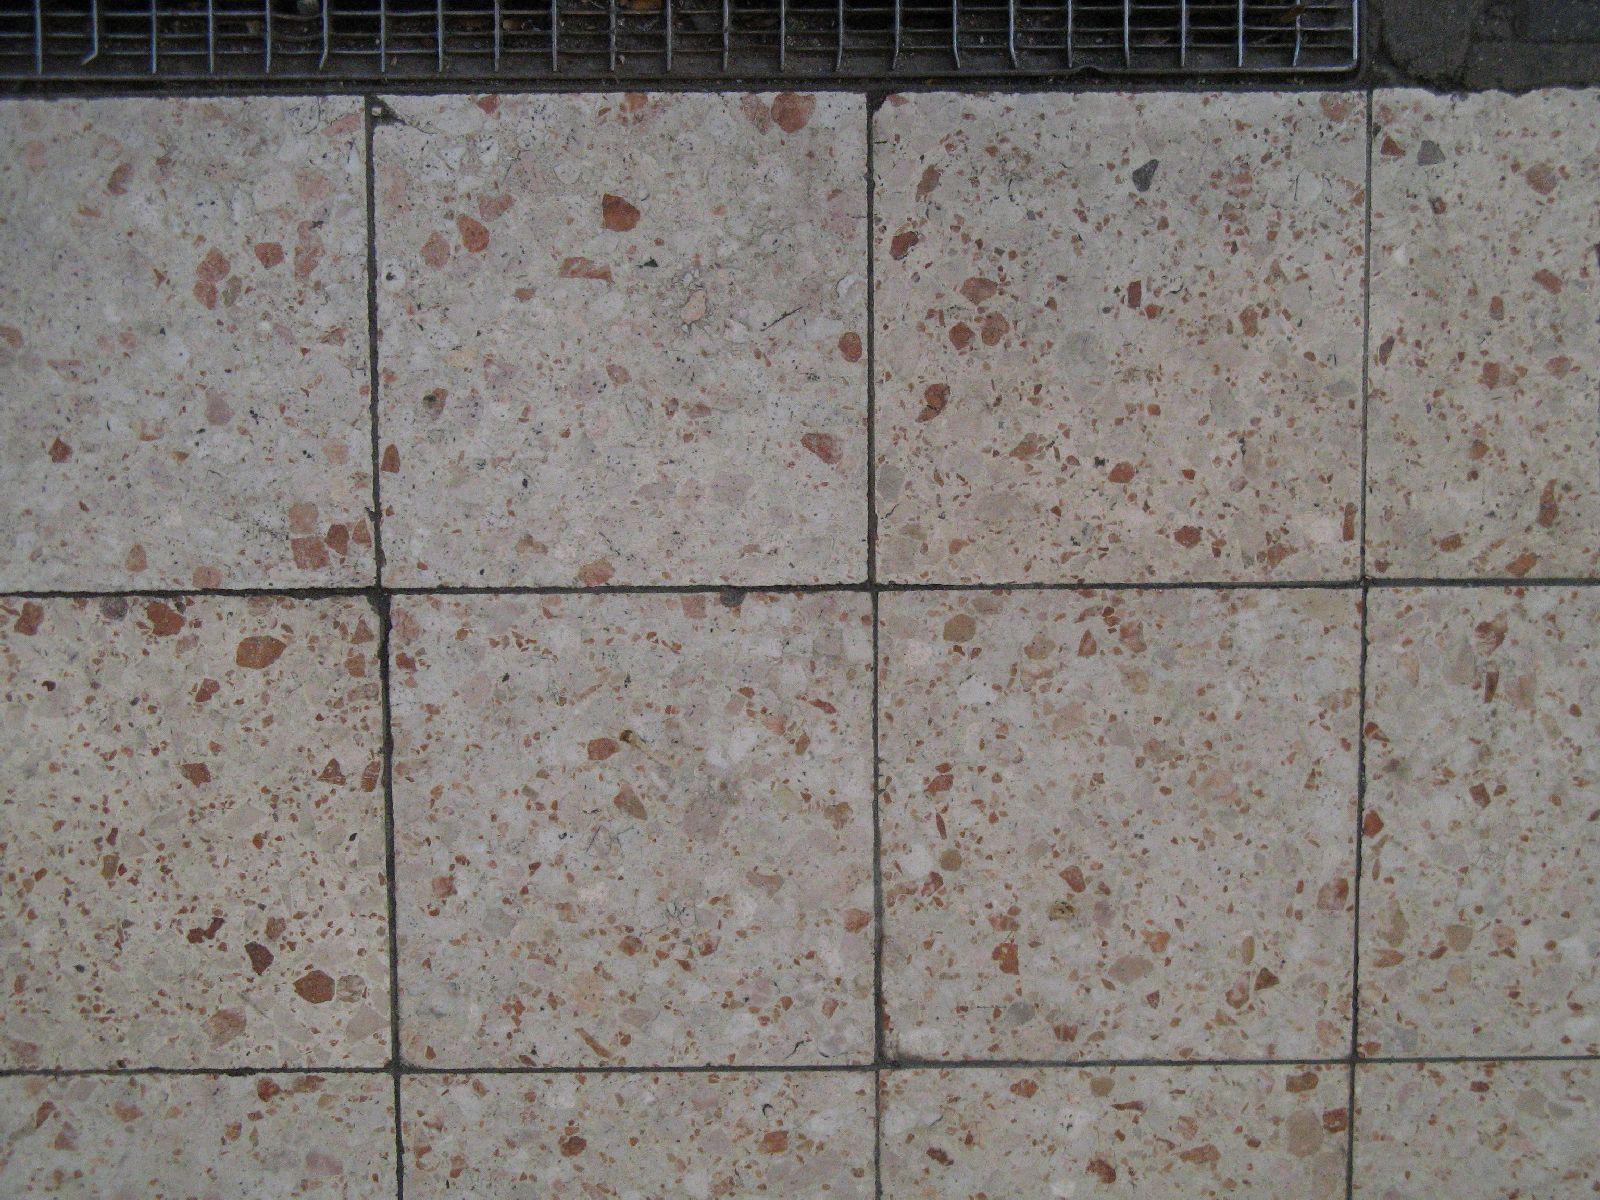 Ground-Urban_Texture_B_4158